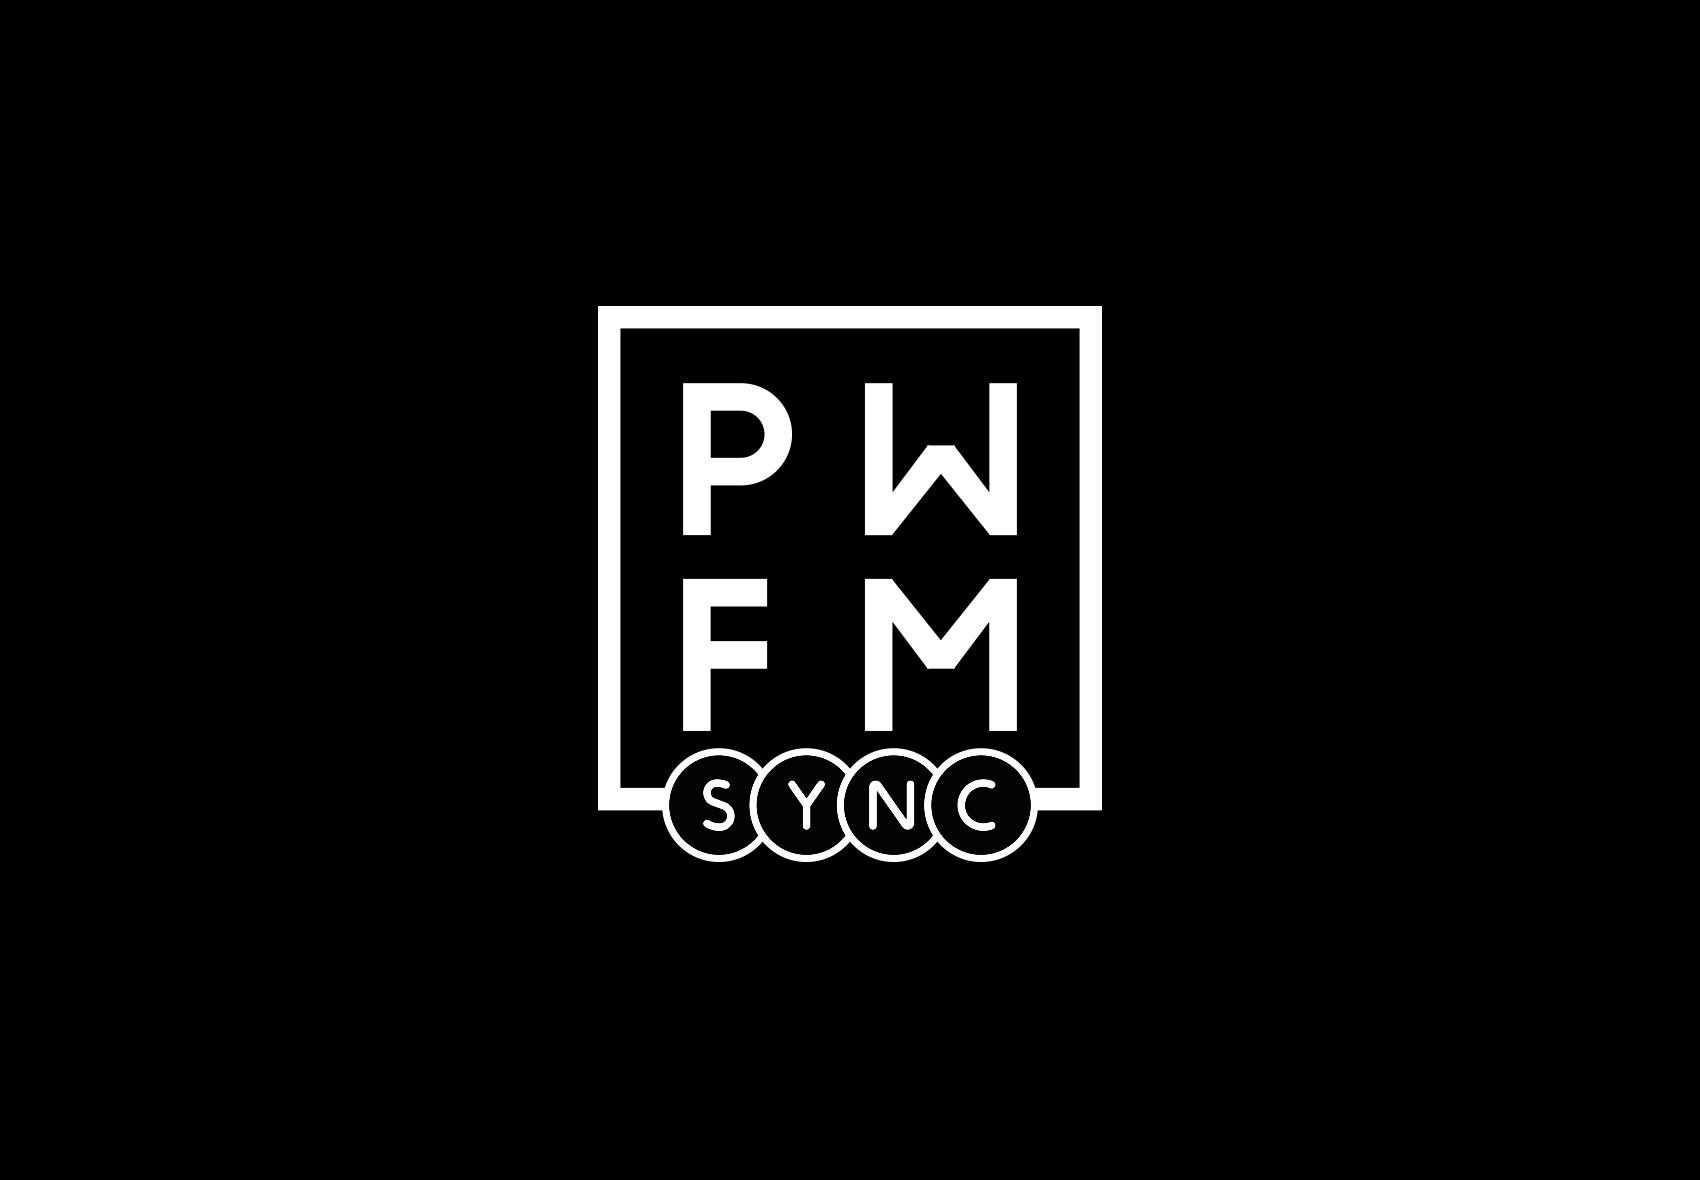 PWFM-SYNC-1